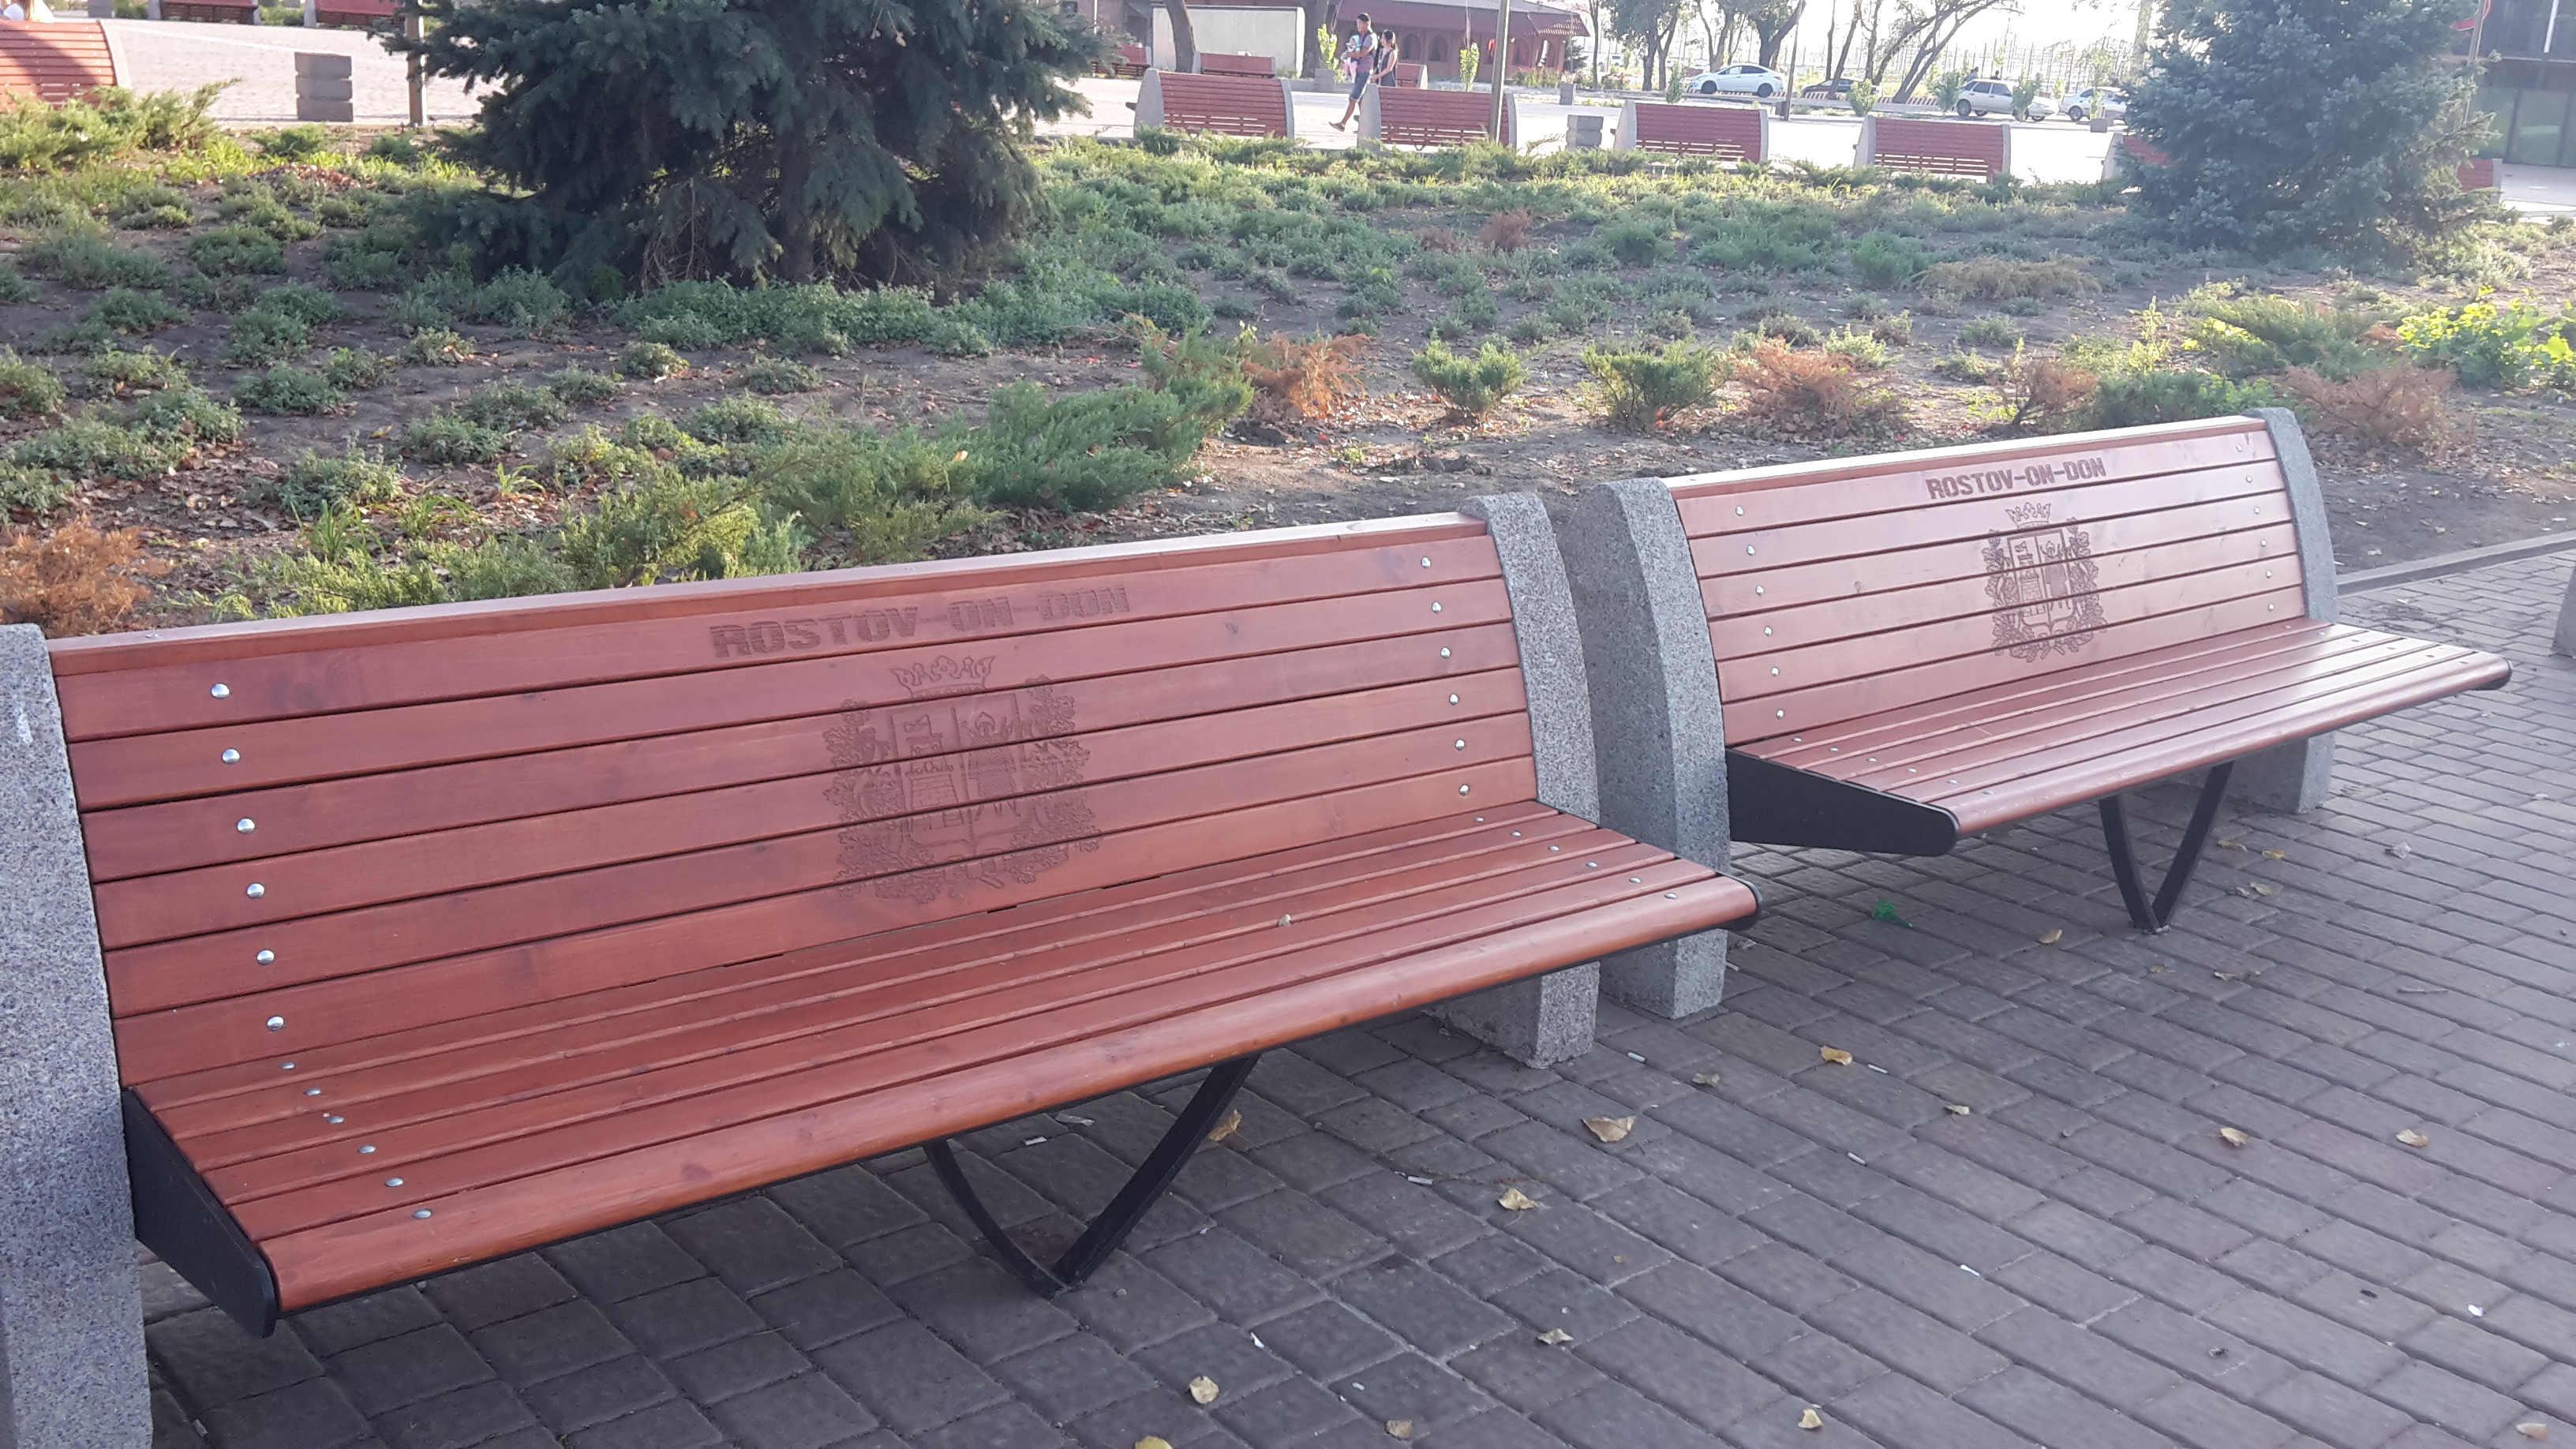 скамейки в парке с гравировкой города